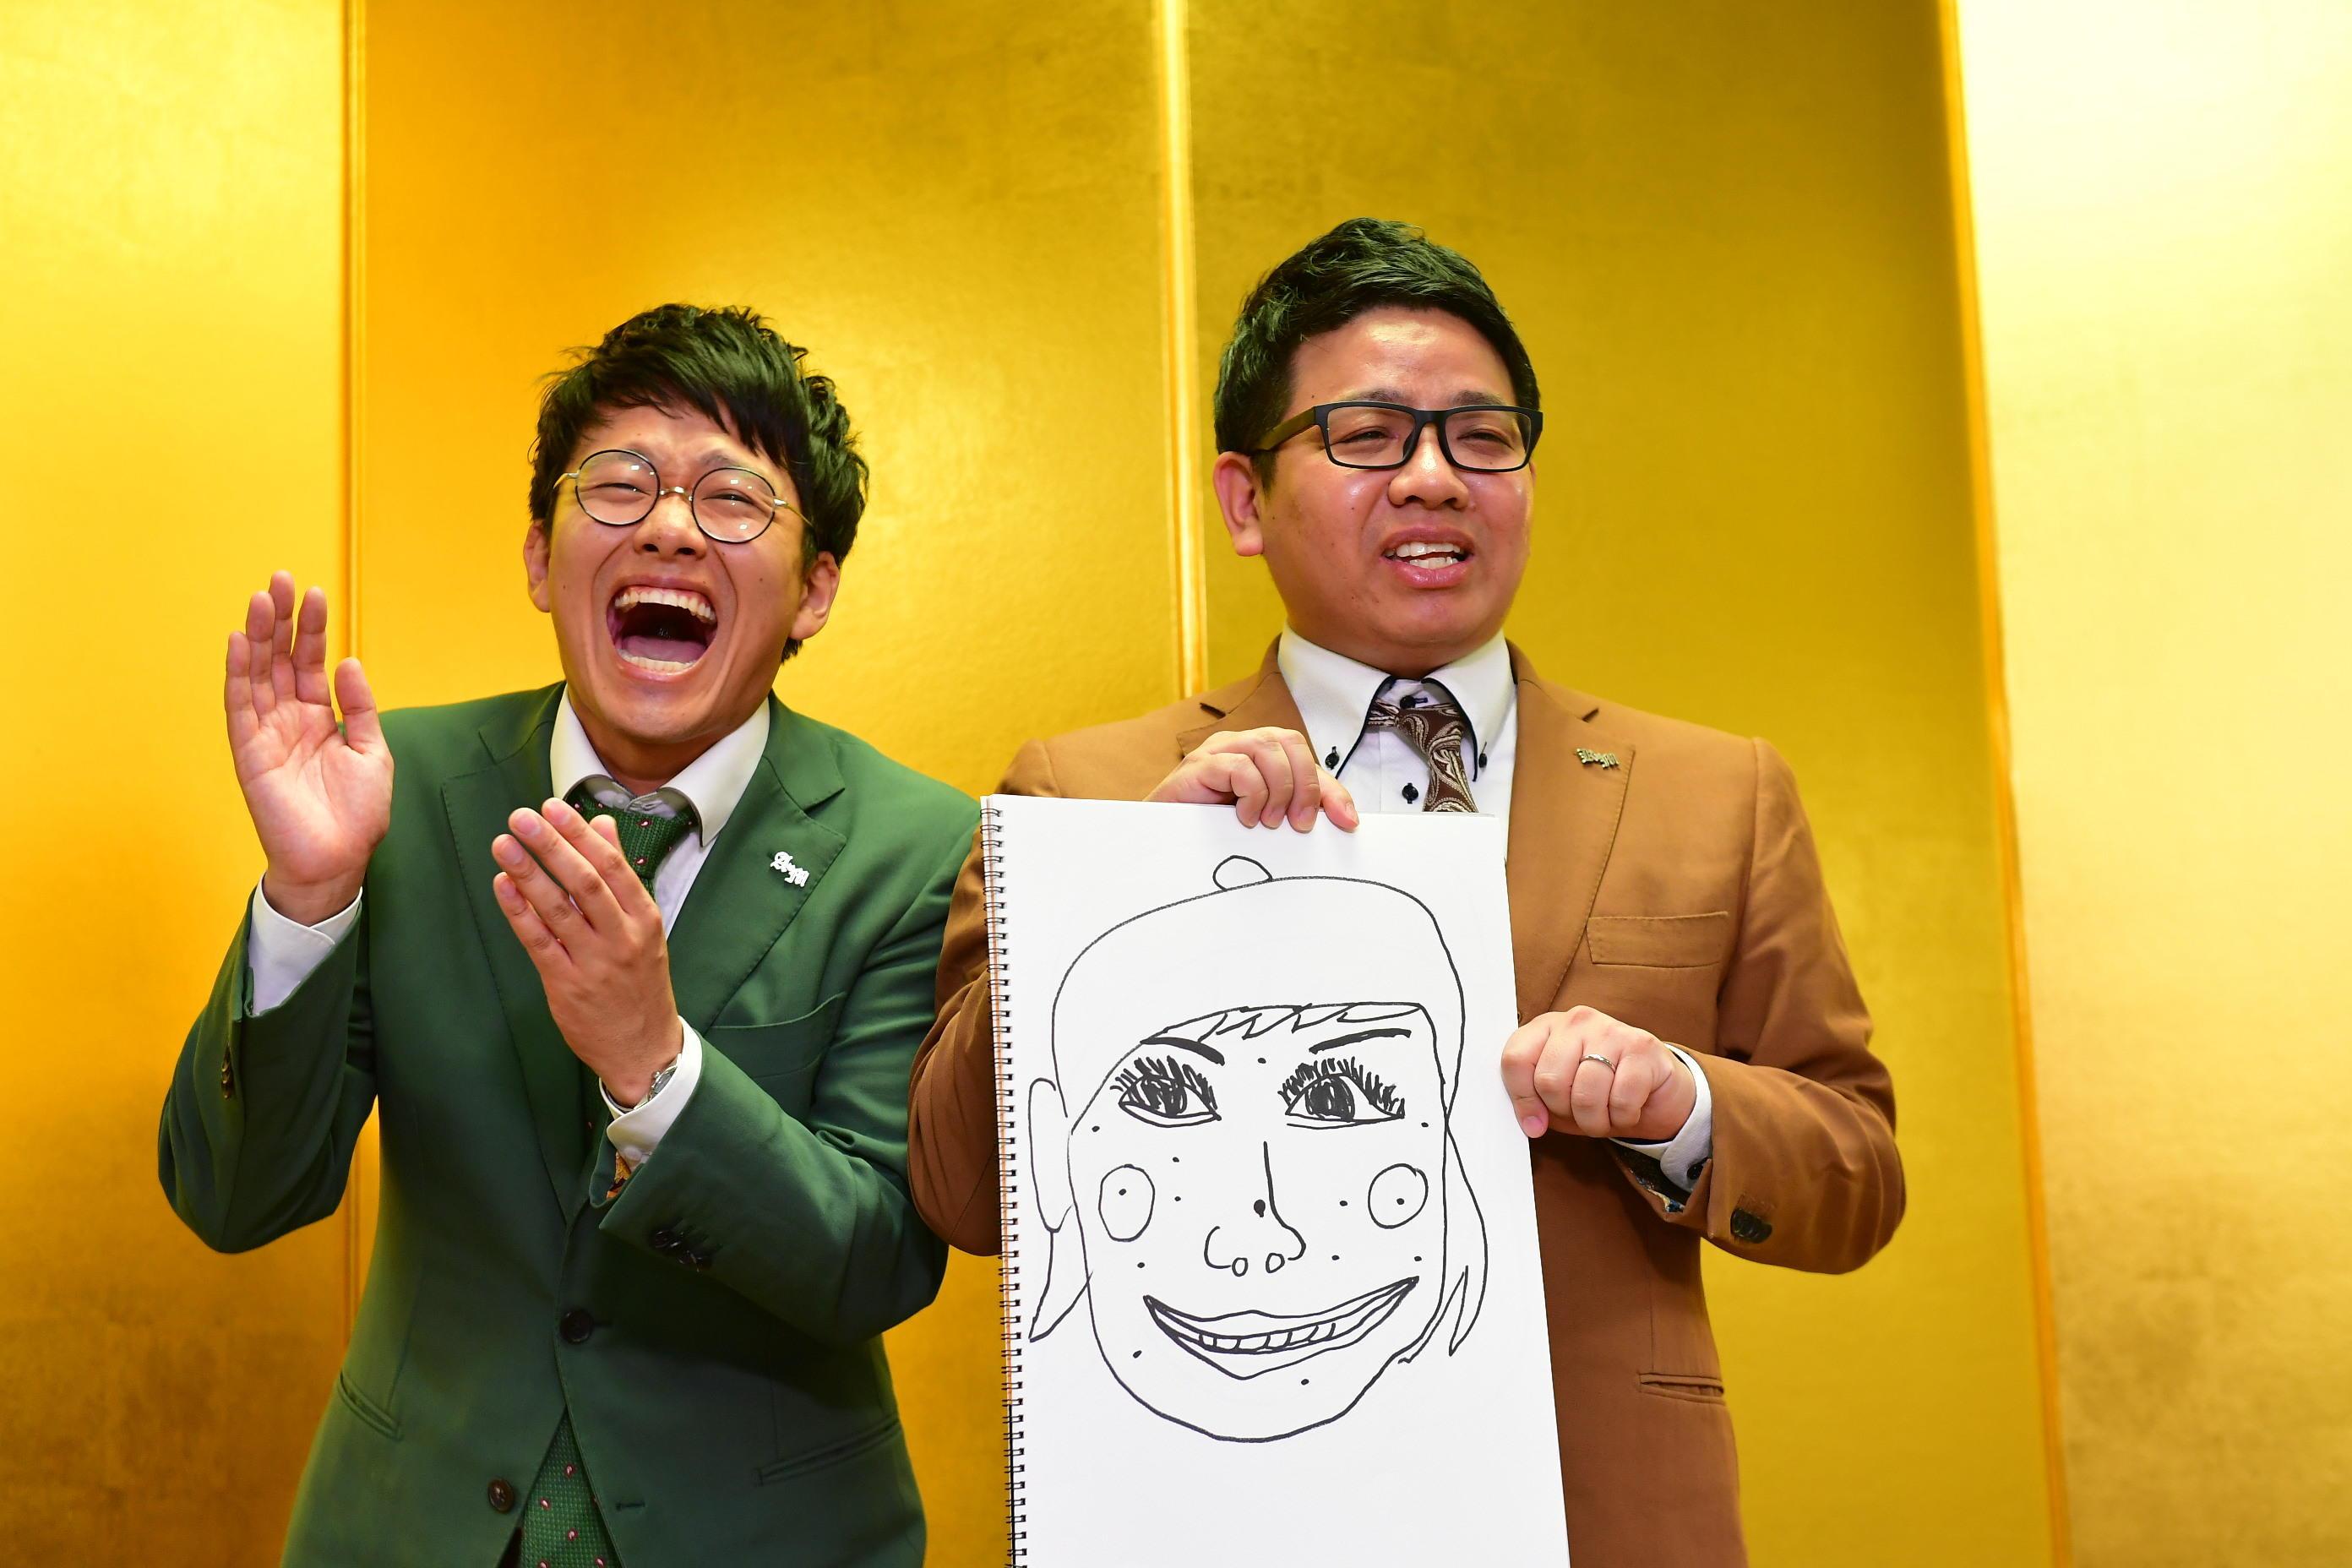 http://news.yoshimoto.co.jp/20180608051708-684d8ee8998a60bba174b6f7e07e337a8d81c5dd.jpg